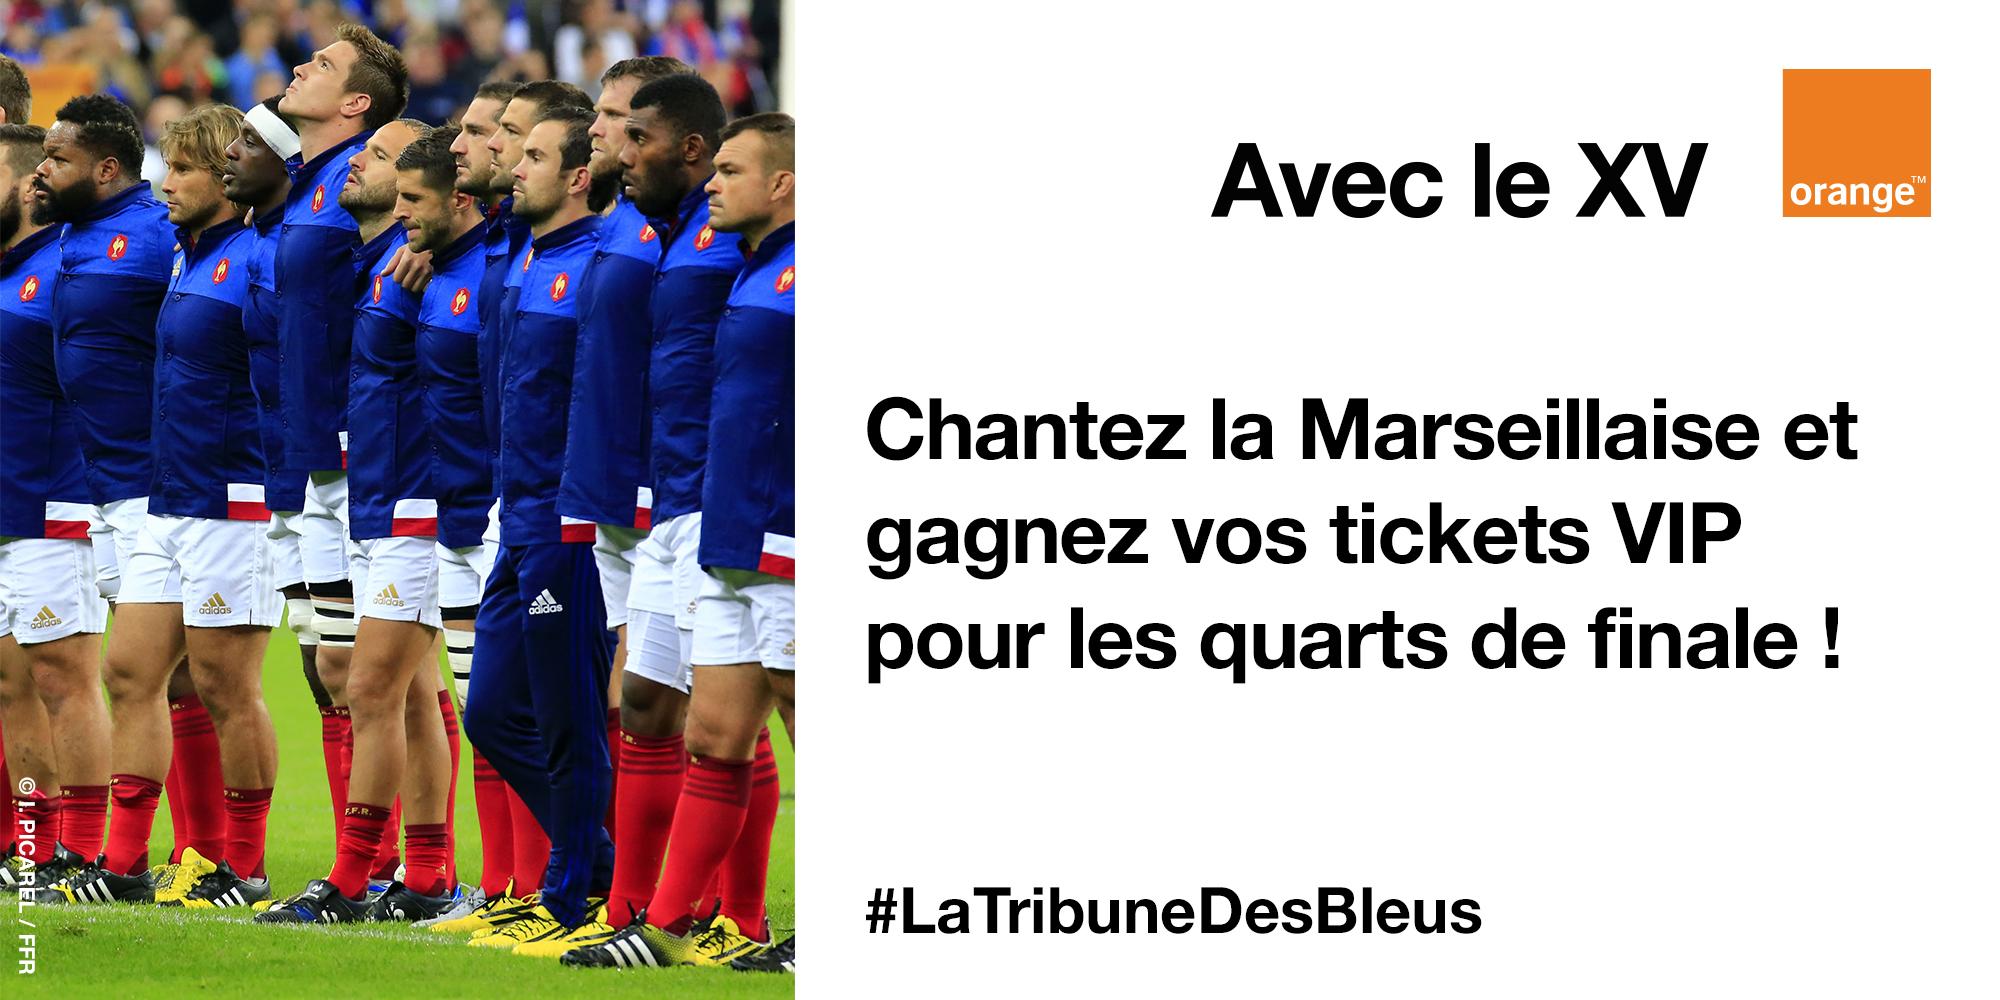 Twitter-post-Marseillaise